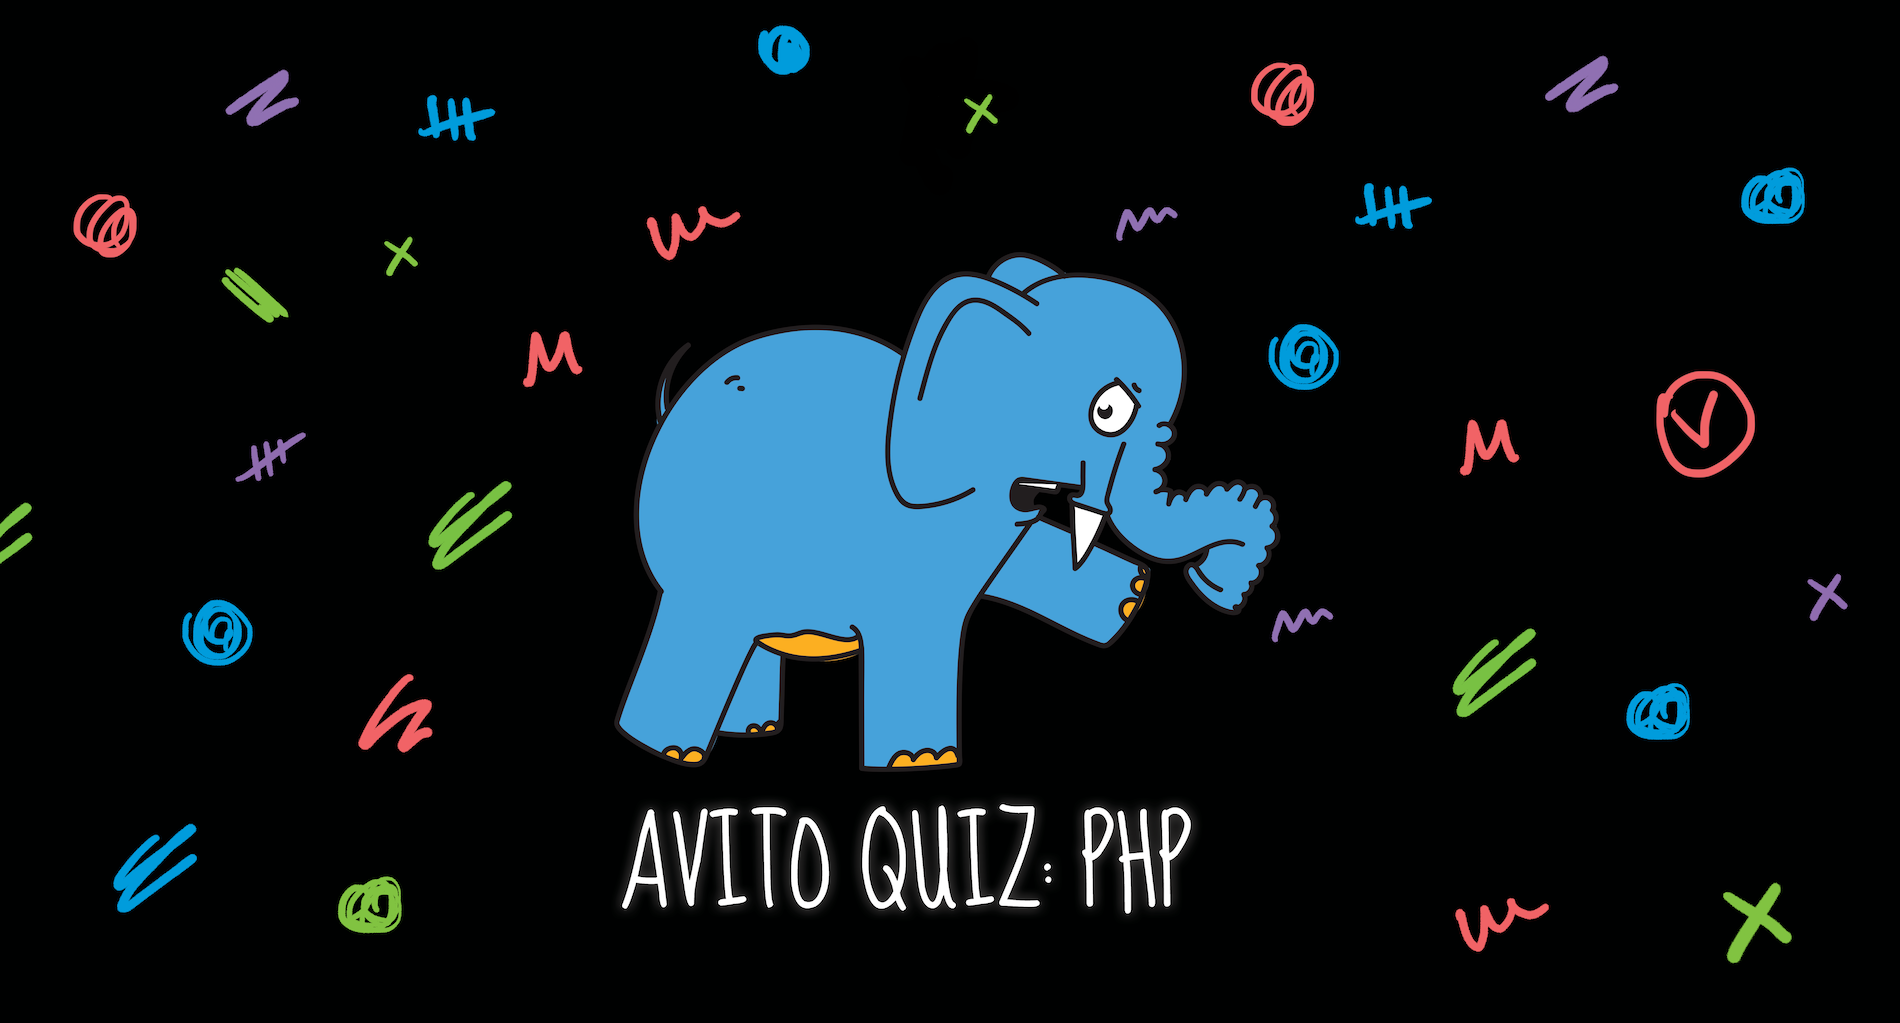 Пятничная PHP-викторина: немного приключений программиста Брэда, одна странная последовательность и призы - 1